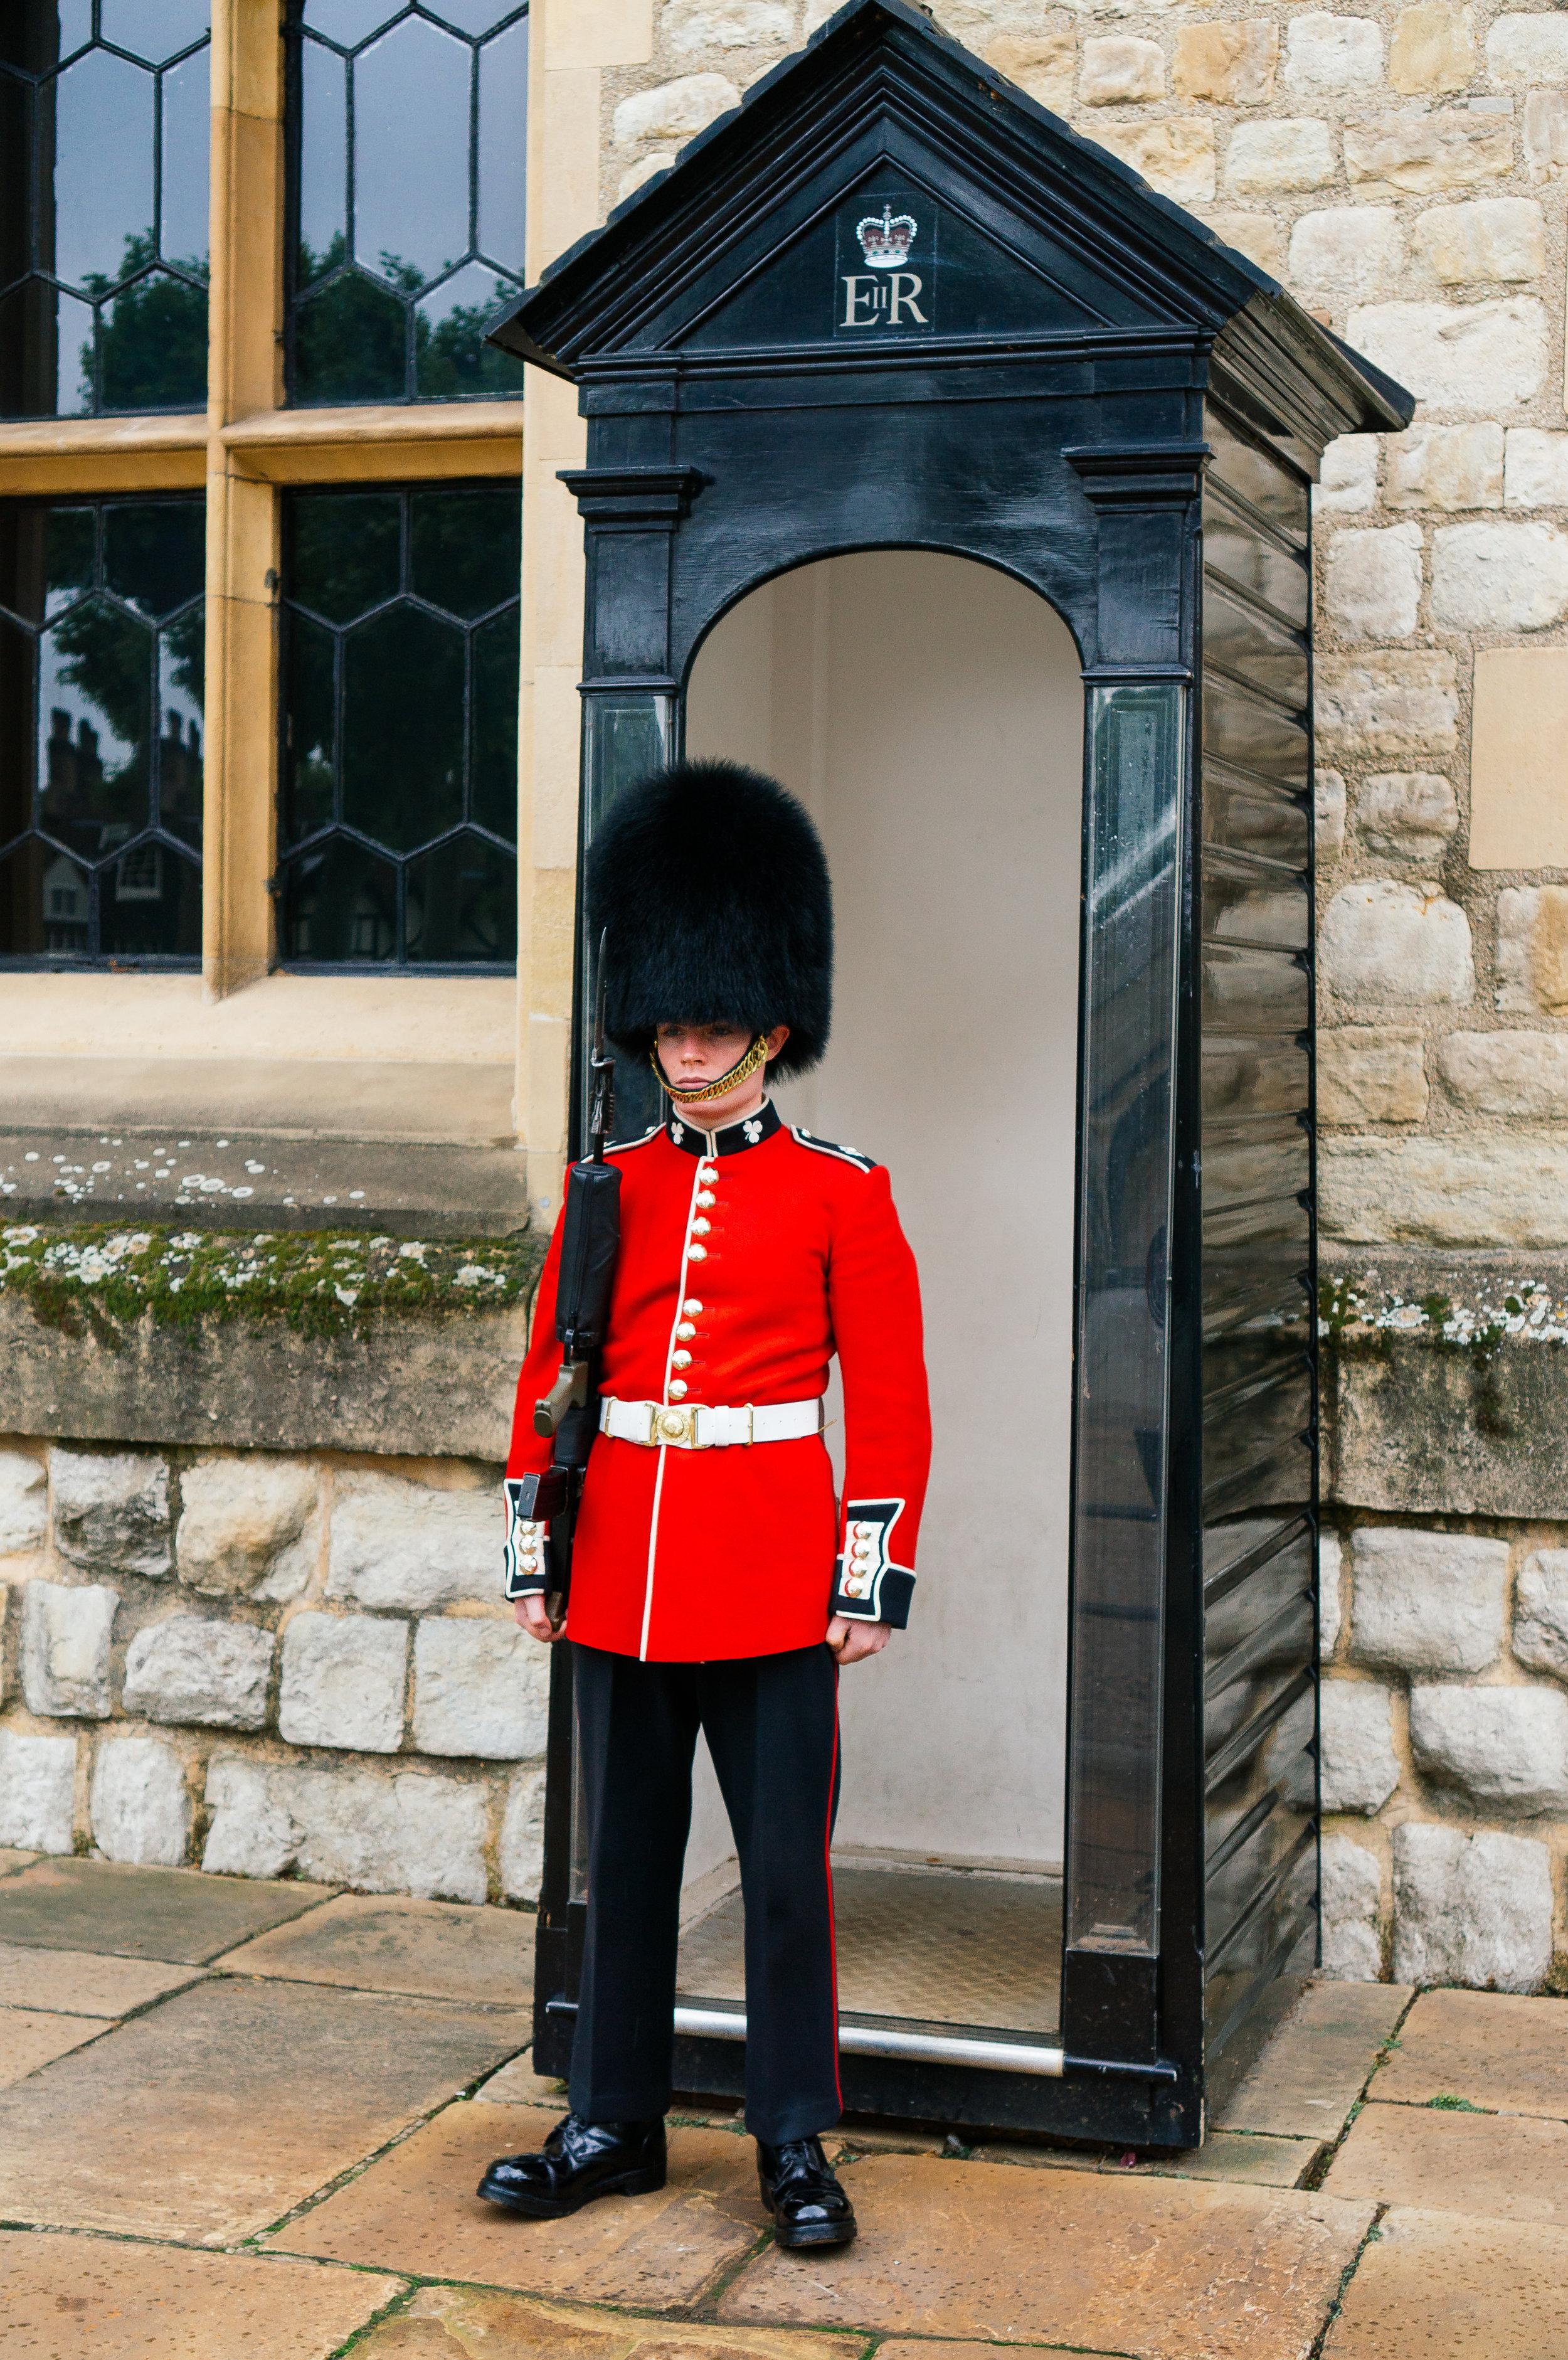 Film a London Wedding